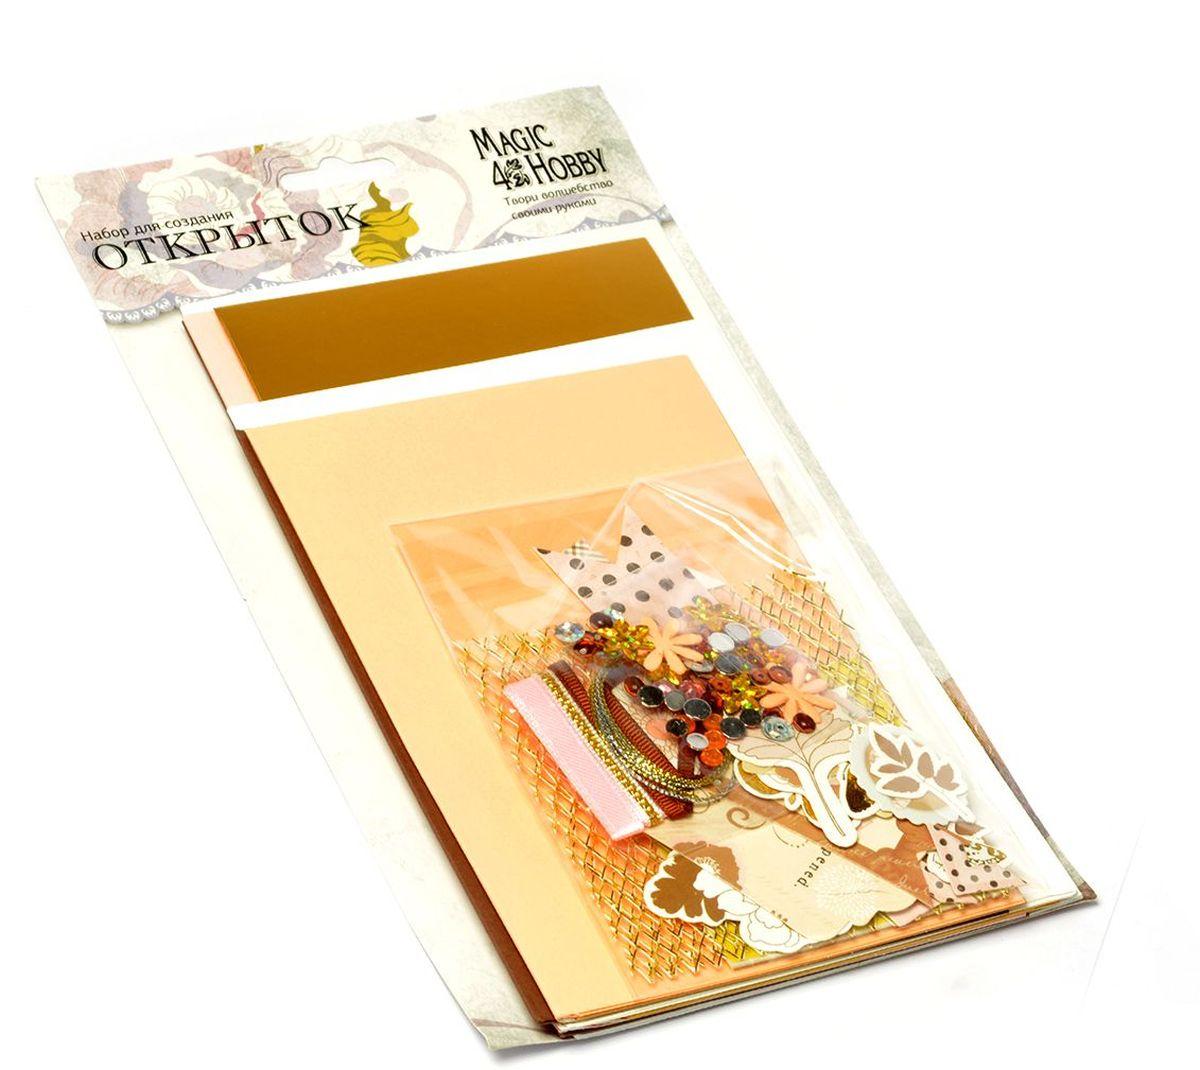 Набор для создания открыток Magic 4 Hobby, 11,5 x 17 см, 11,5 x 21 см. MG.DIY-6B.2 набор для создания 3 х открыток сувенир